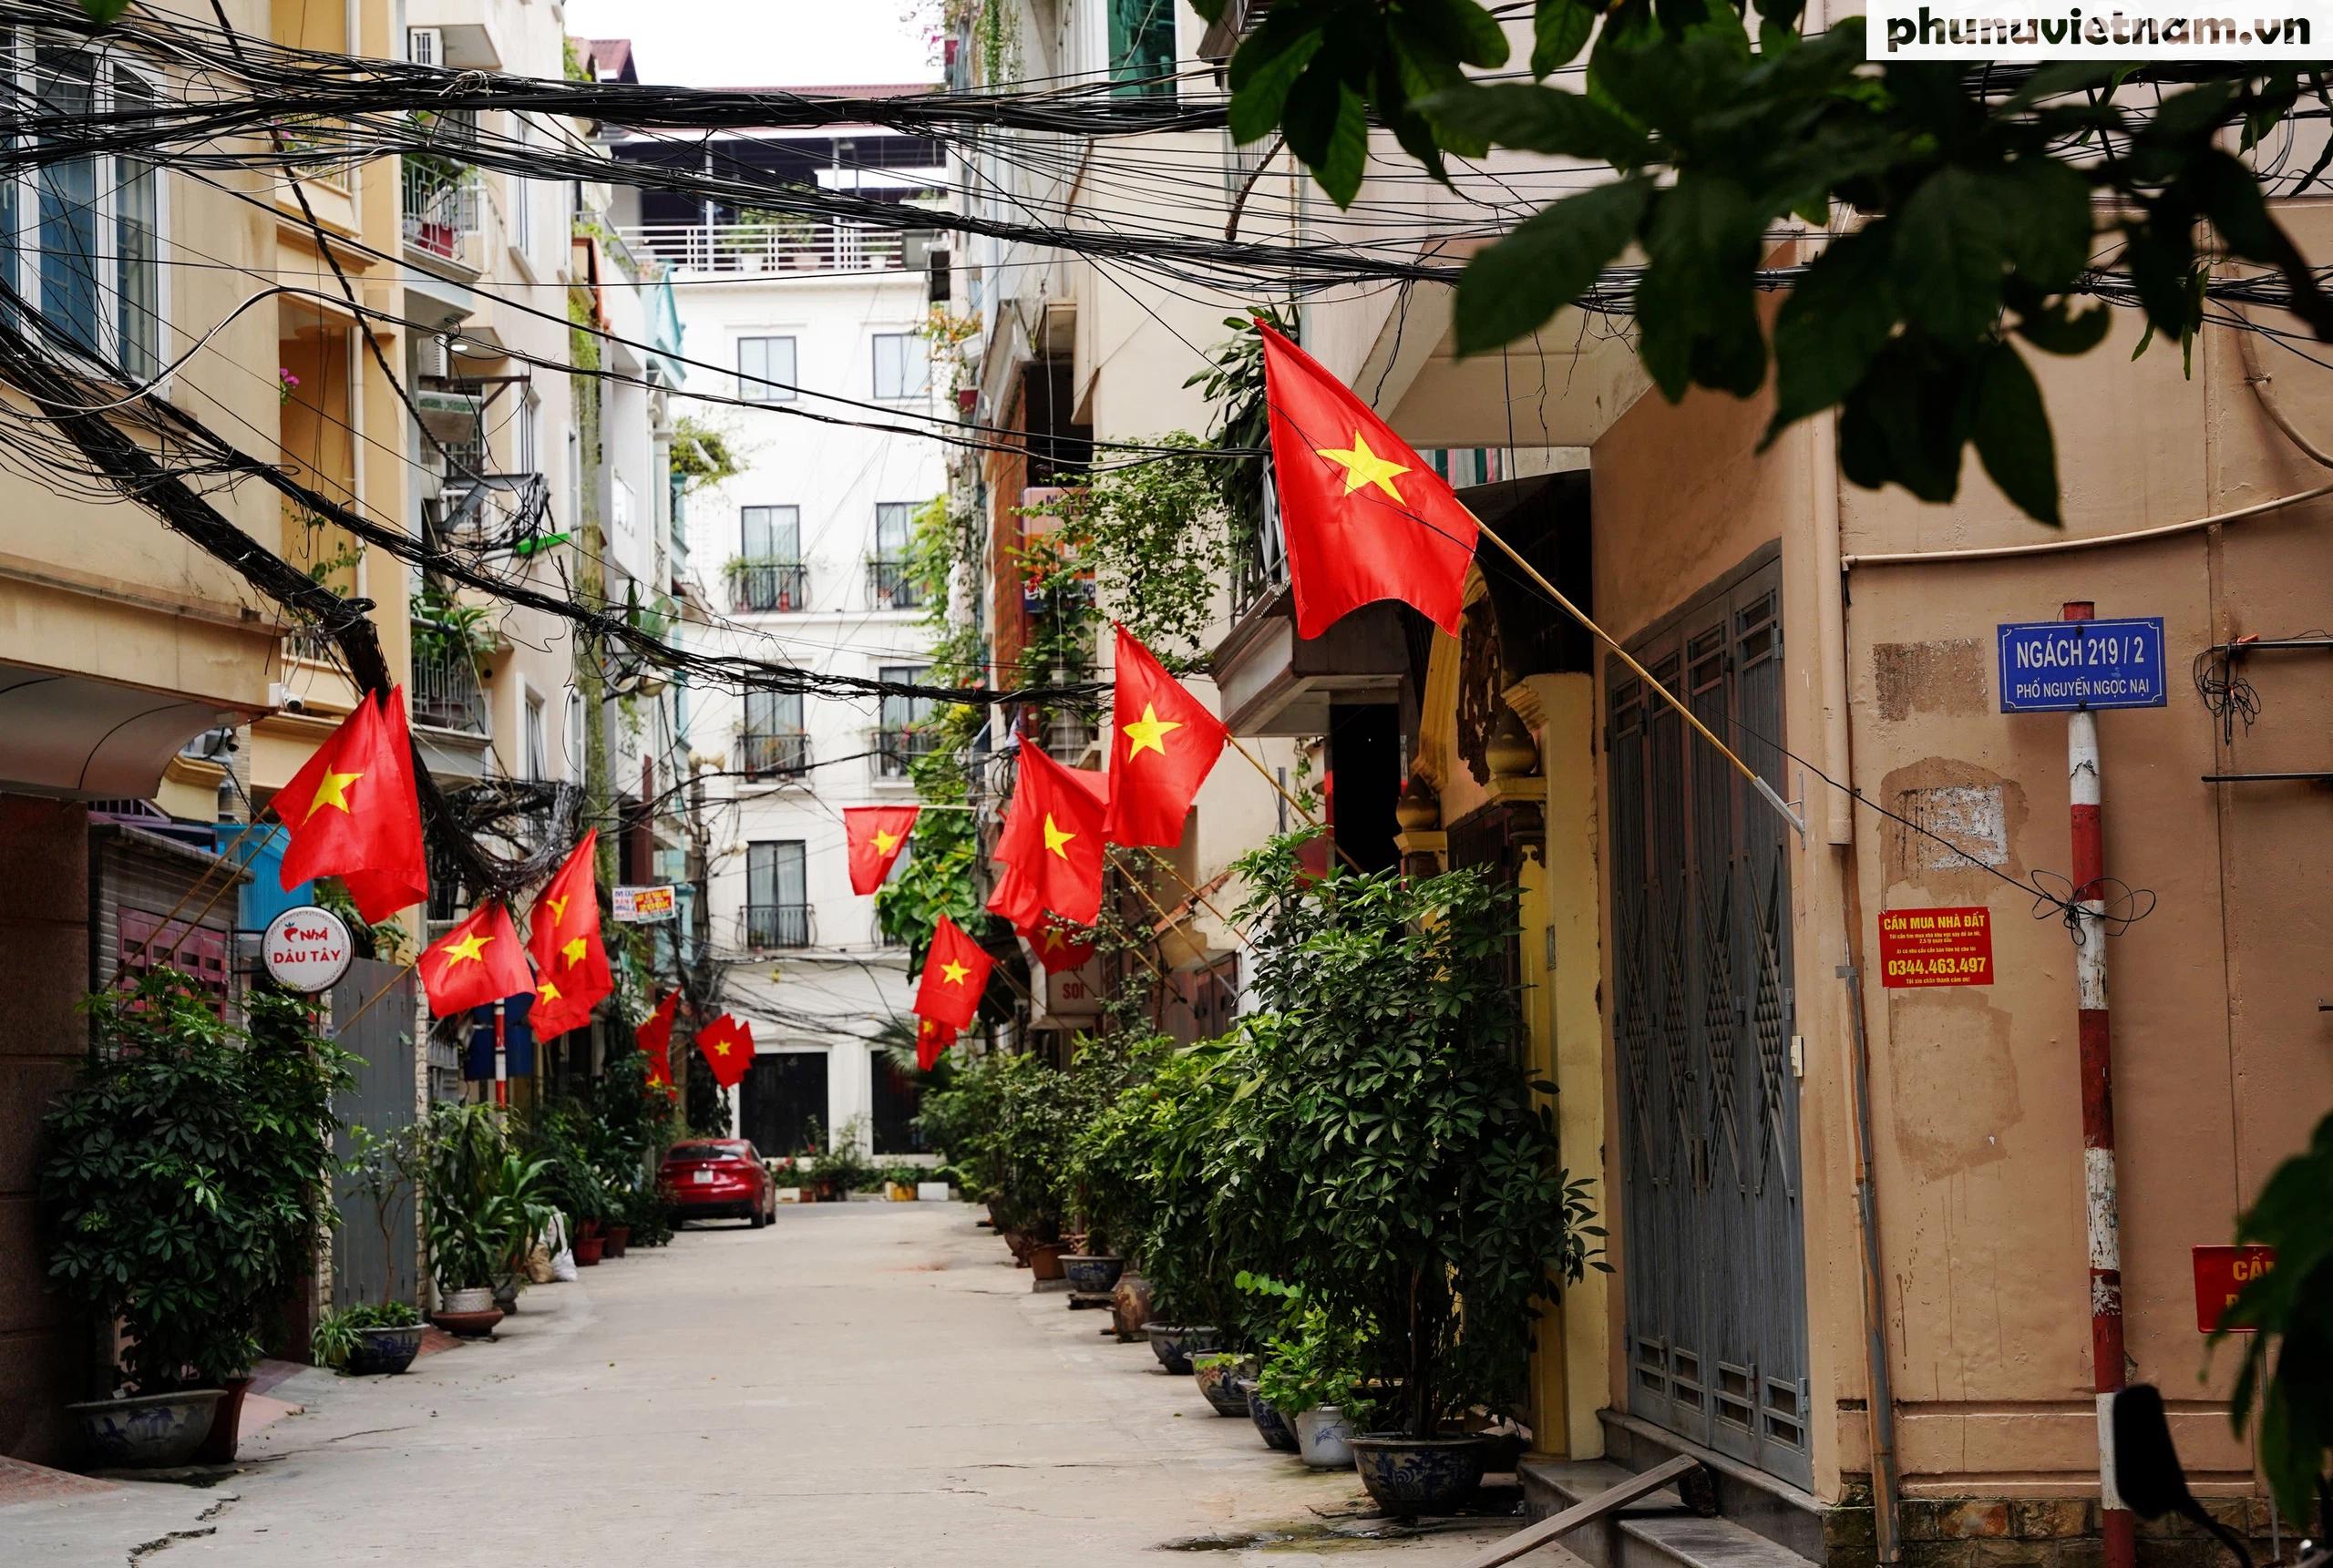 """Phố phường Hà Nội rực rỡ cờ phướn, tranh cổ động chào mừng """"Ngày hội của toàn dân"""" - Ảnh 17."""